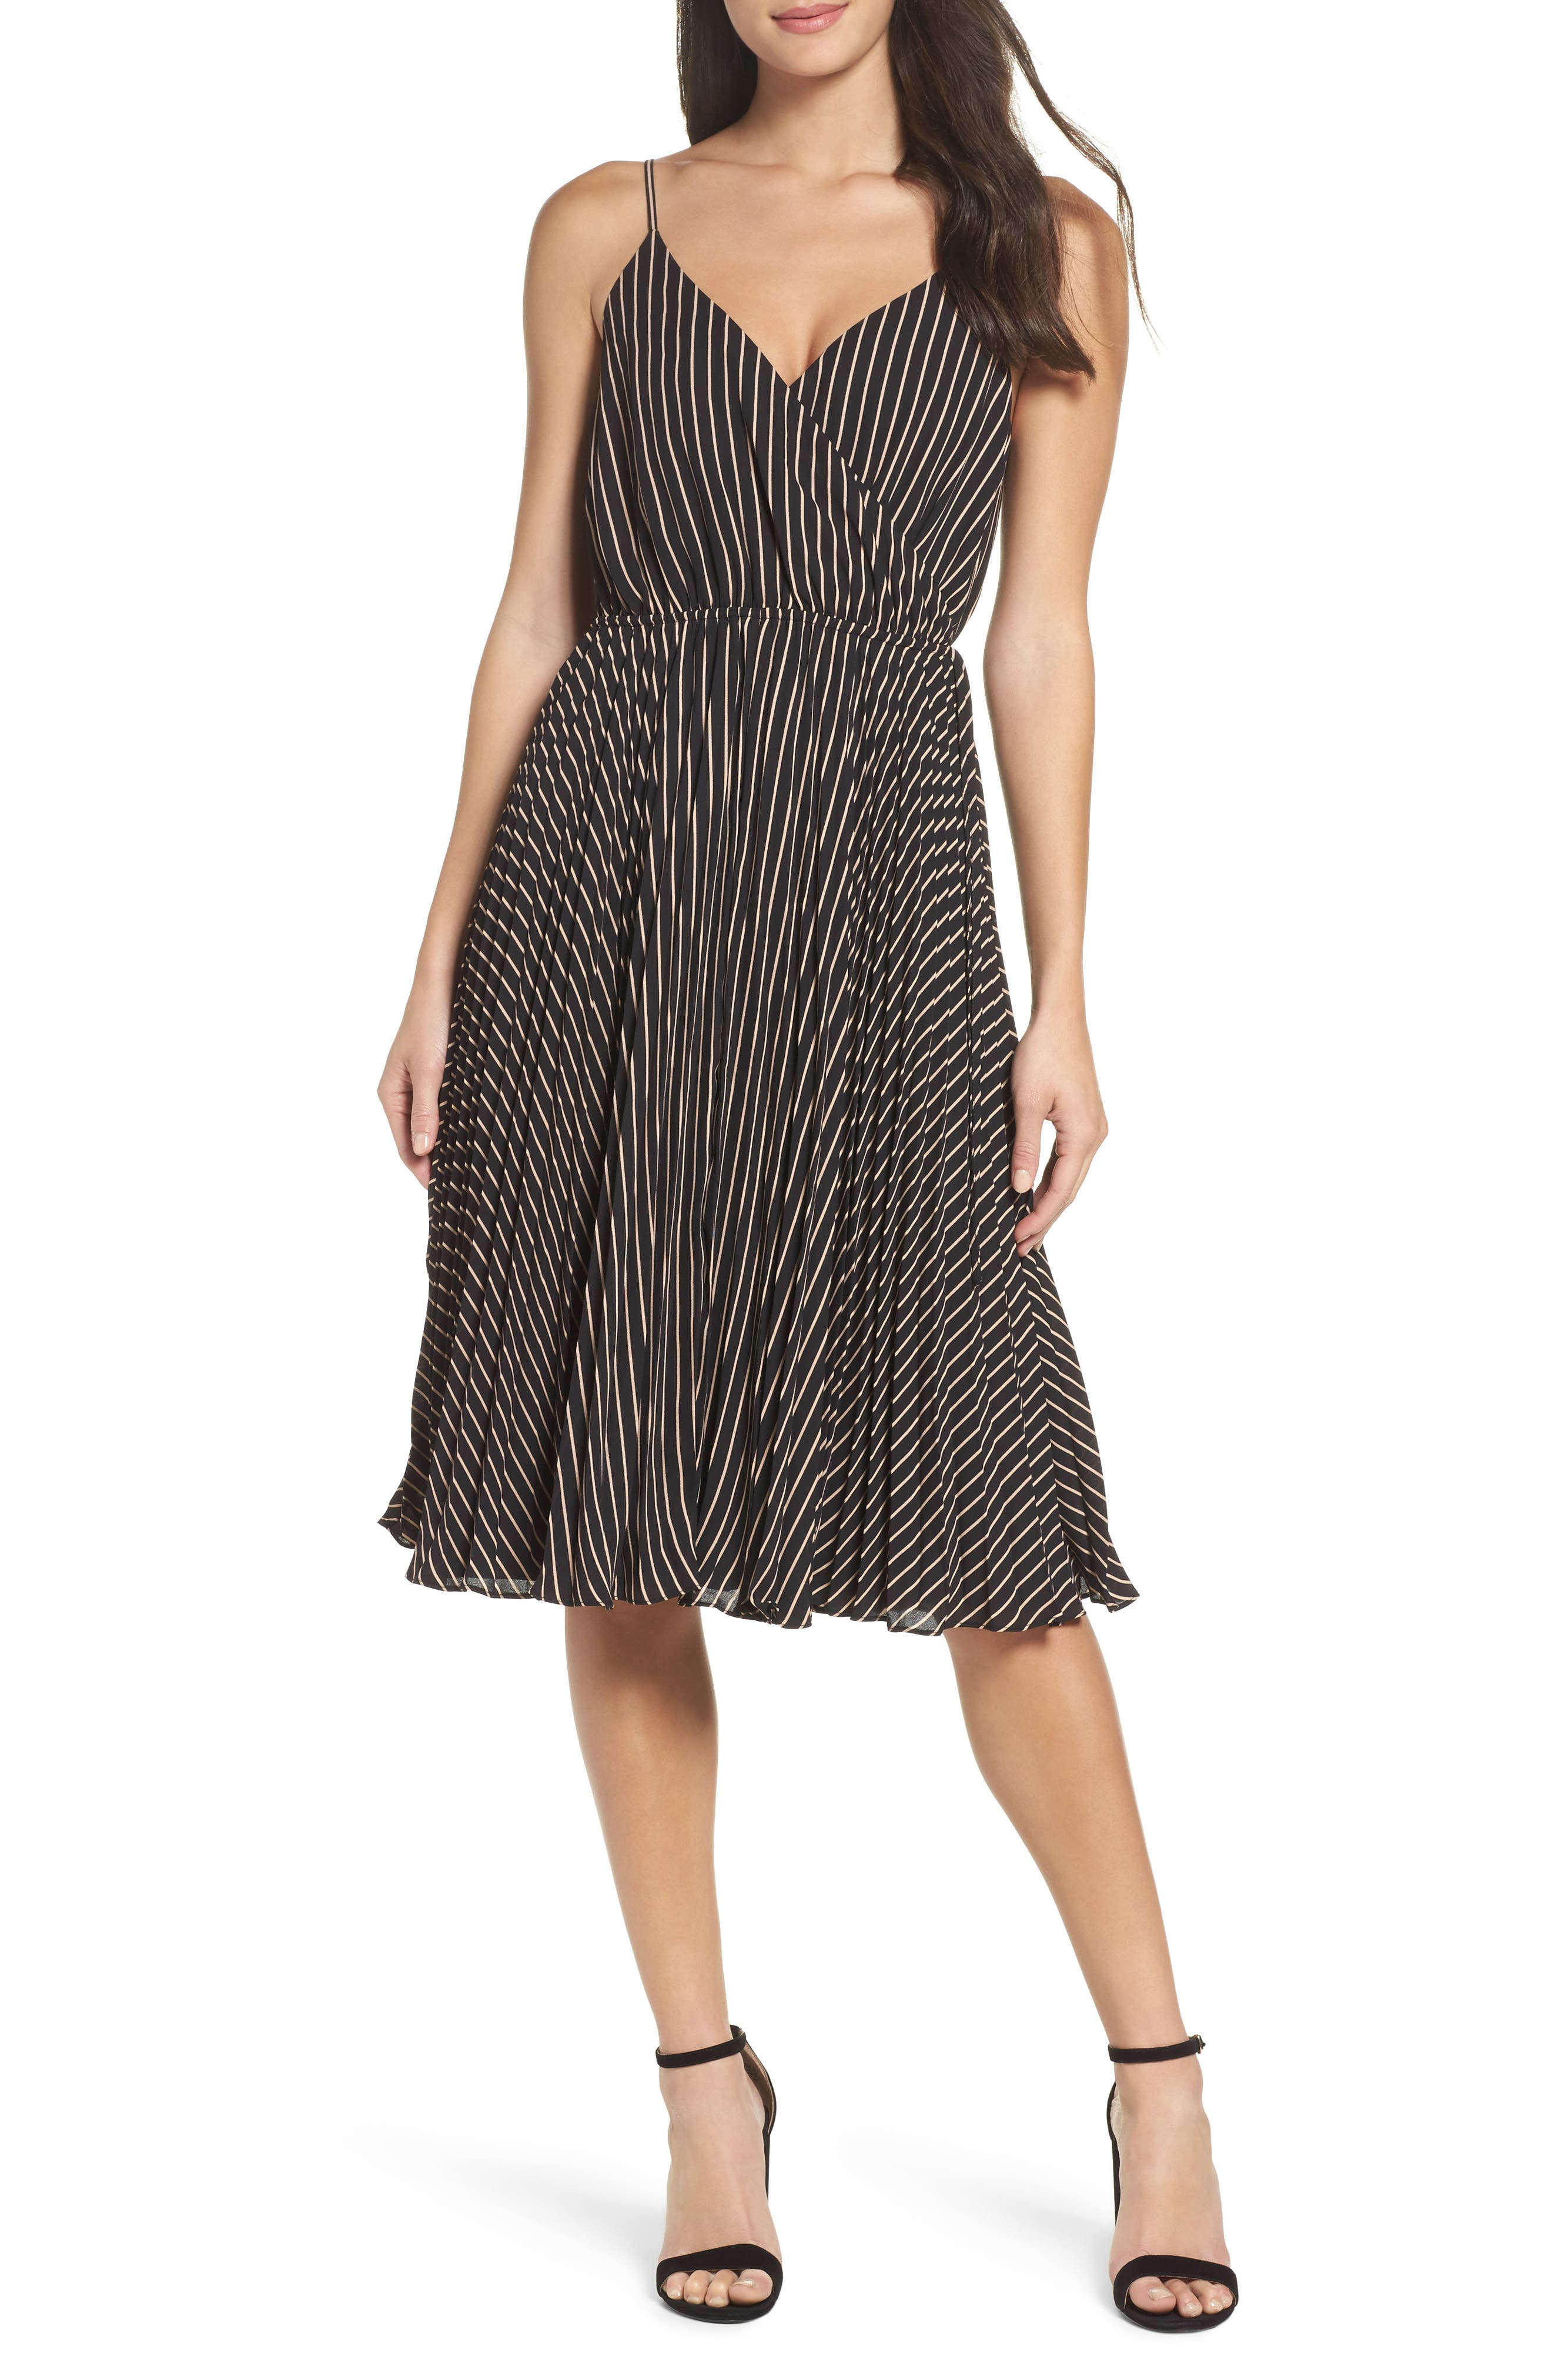 Like a Boss Midi Dress,                         Main,                         color, Black/ Tan Stripe